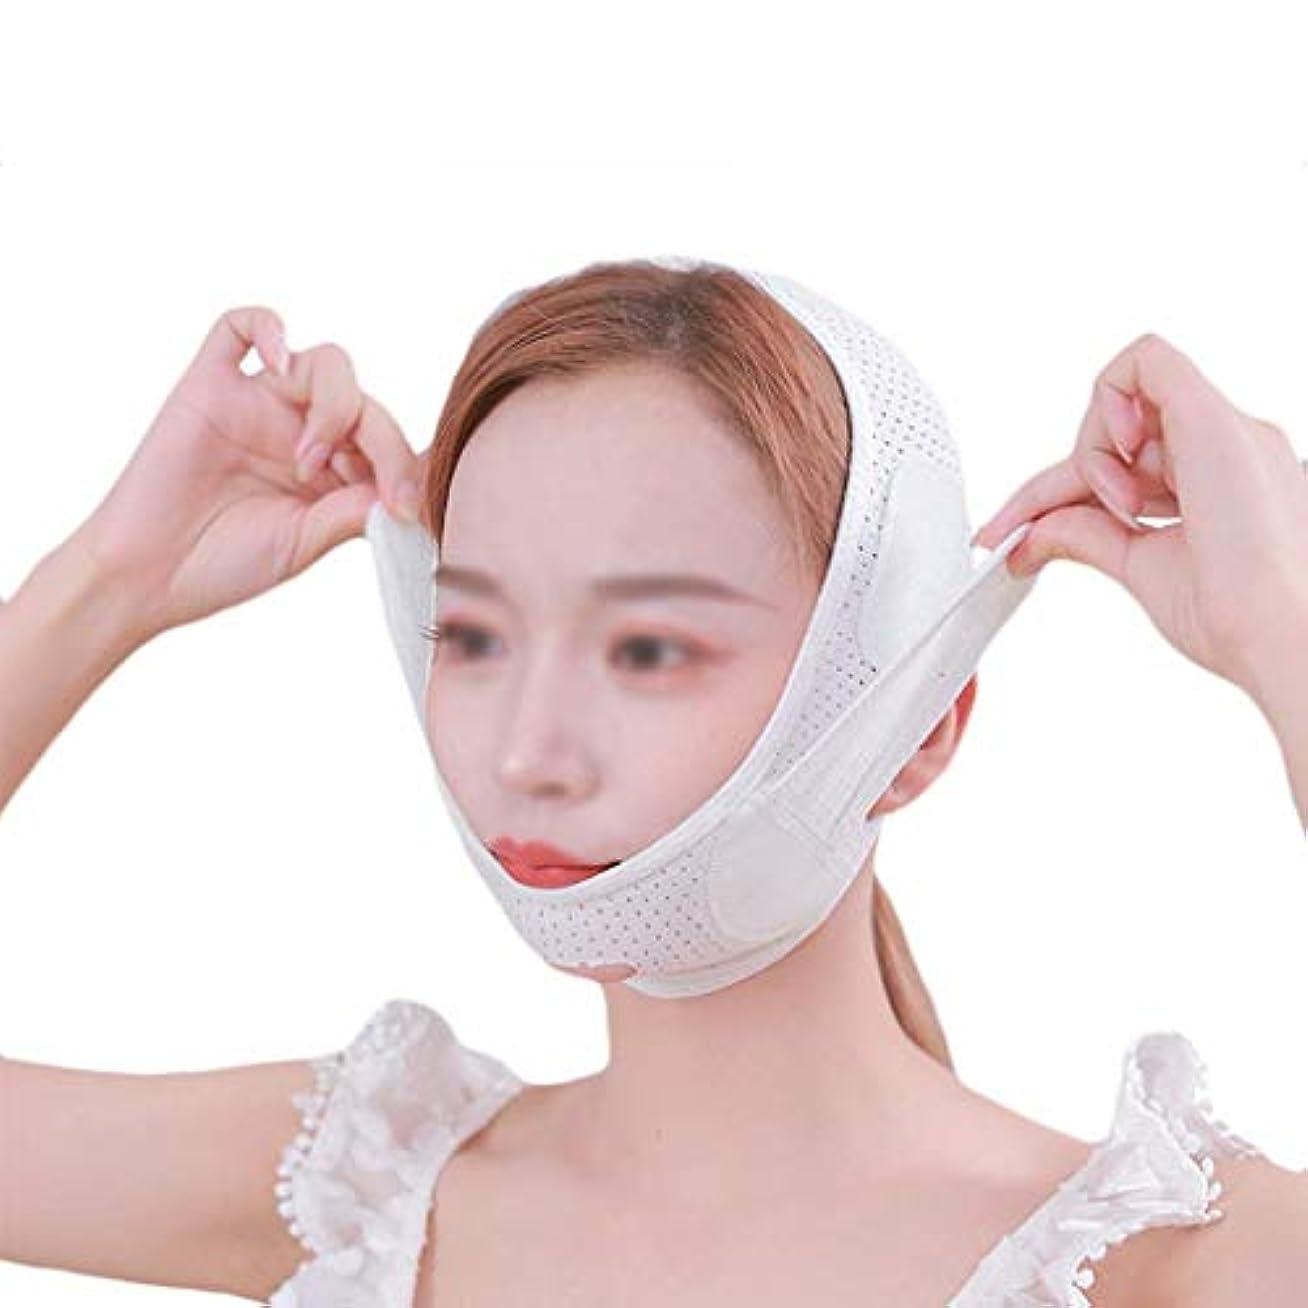 ミッション今日影響力のあるフェイシャルリフティング包帯、頬スリミングマスク包帯、フェイスリフティングファーミングフェースリフティング、リフティングダブルチンフェイシャルマスク(ホワイト、フリーサイズ)